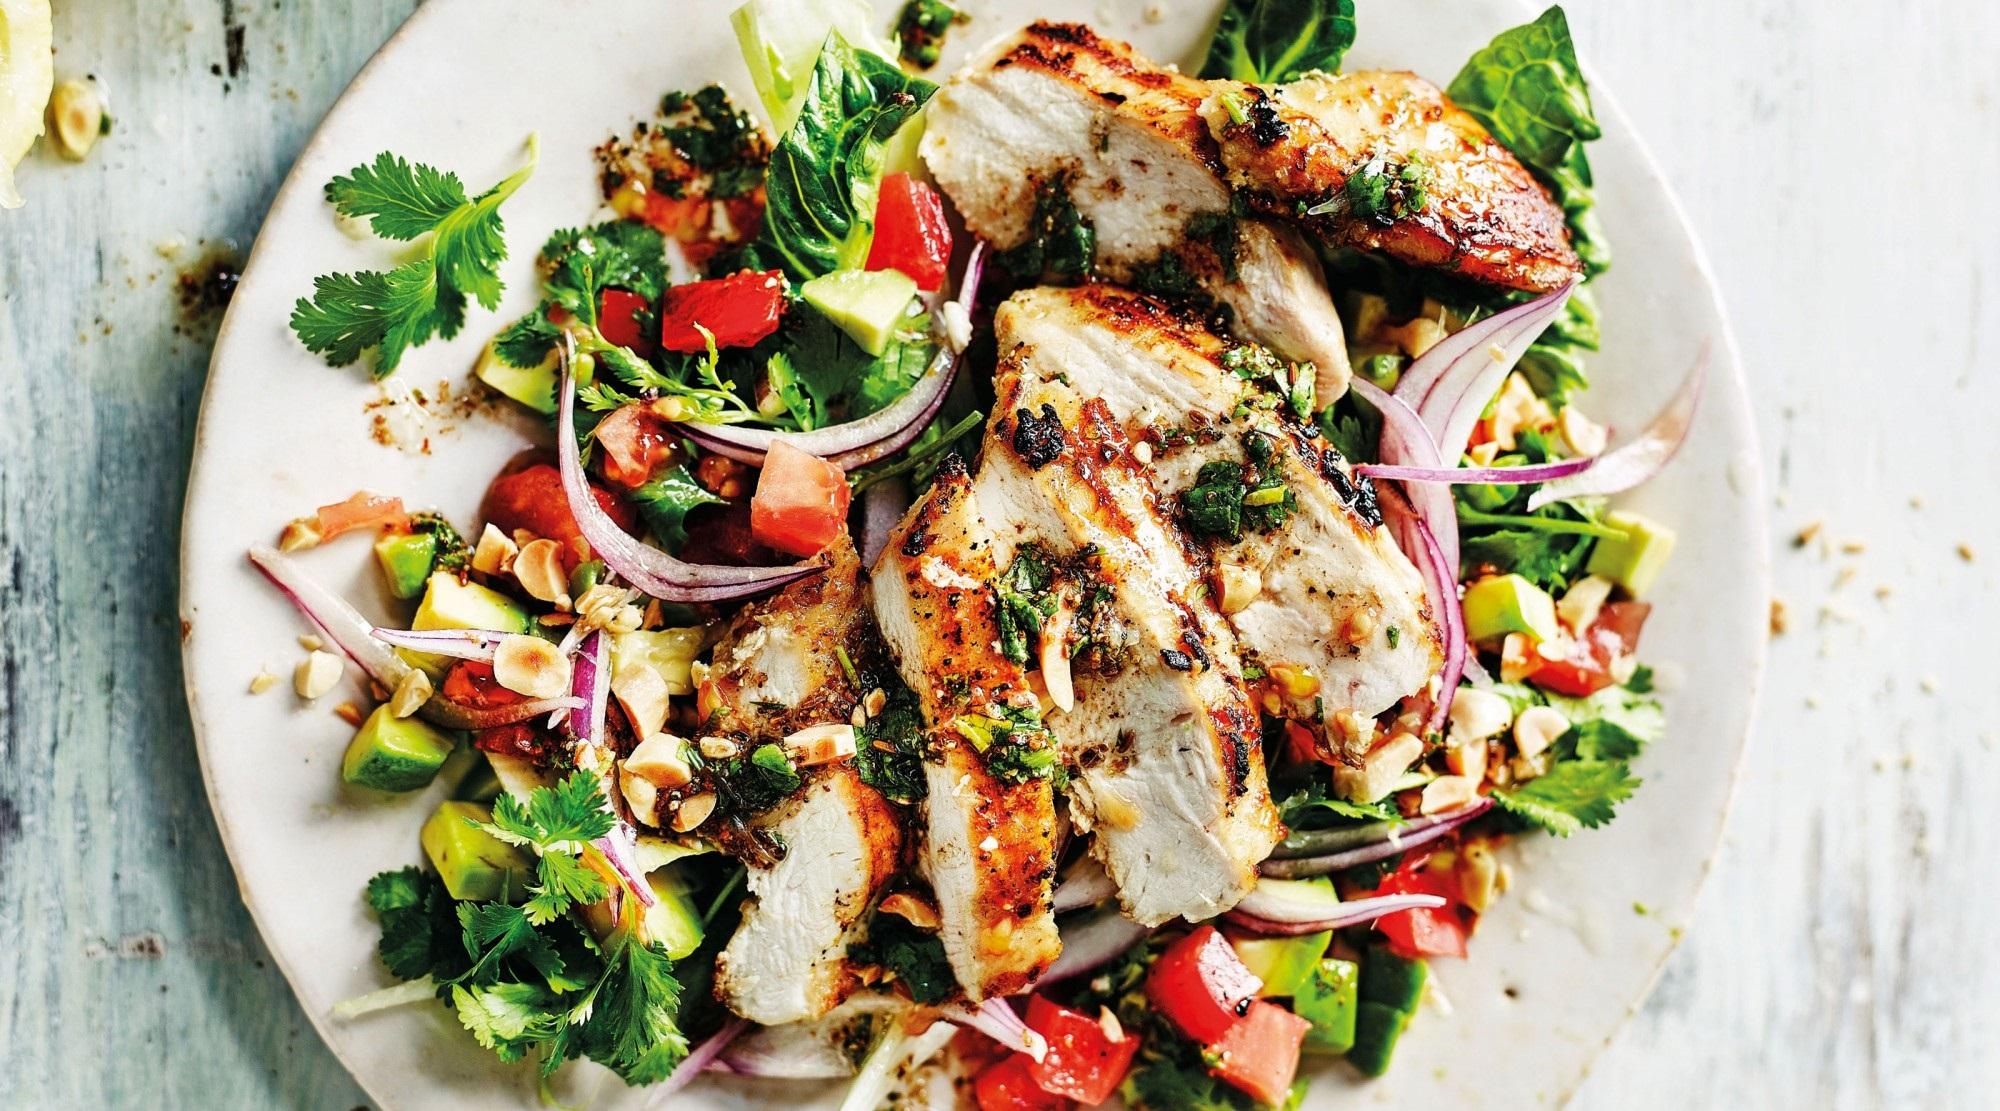 Giảm béo mà vẫn được ăn ngon nhờ thực đơn giảm cân với salad ăn mãi không ngán này - Ảnh 2